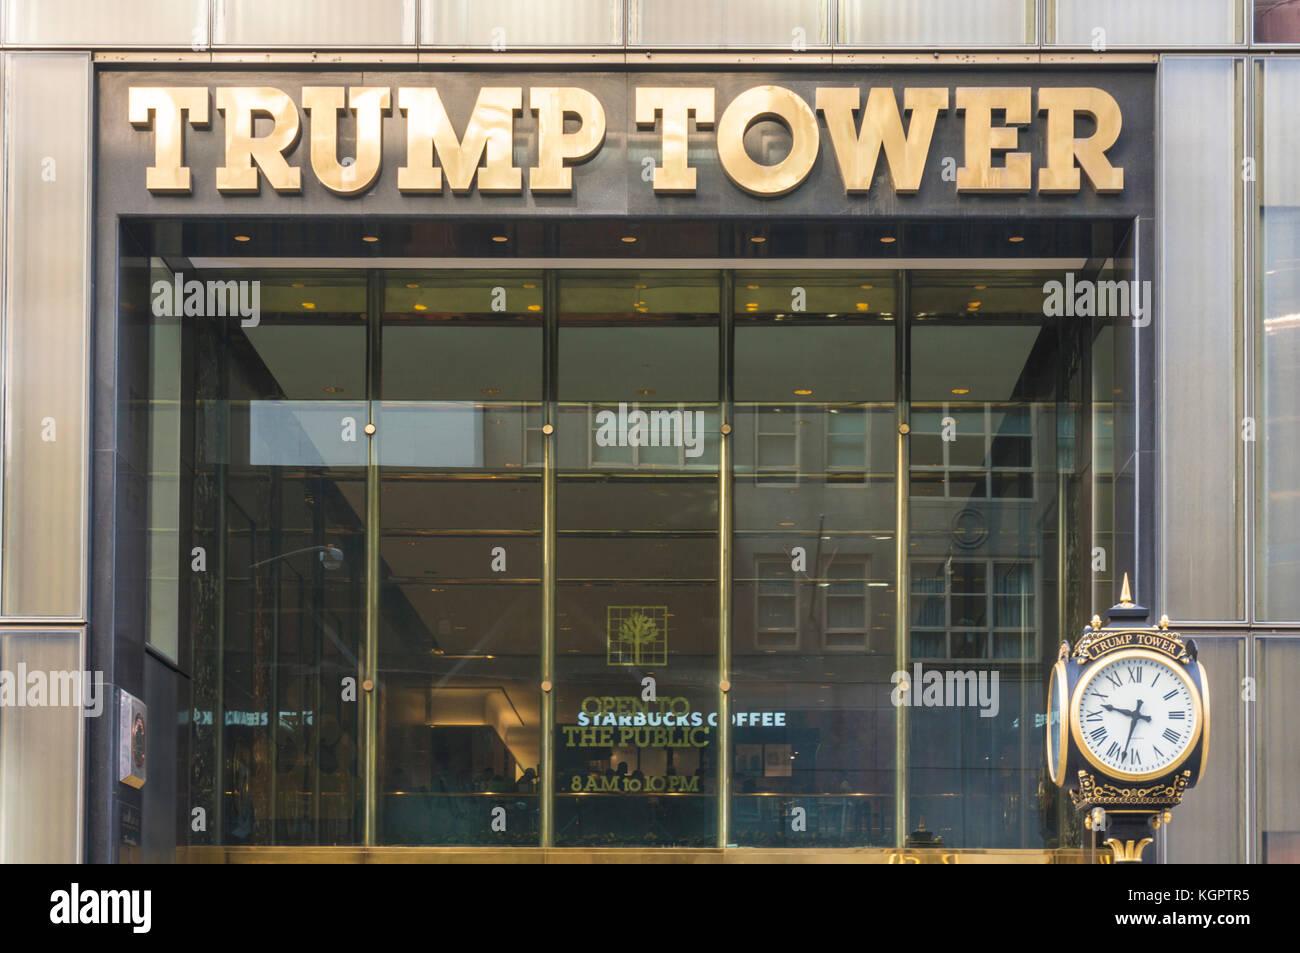 Trump Tower Nueva York nueva york Trump Tower fachada exterior Midtown de Manhattan, Nueva York, EE.UU. Imagen De Stock